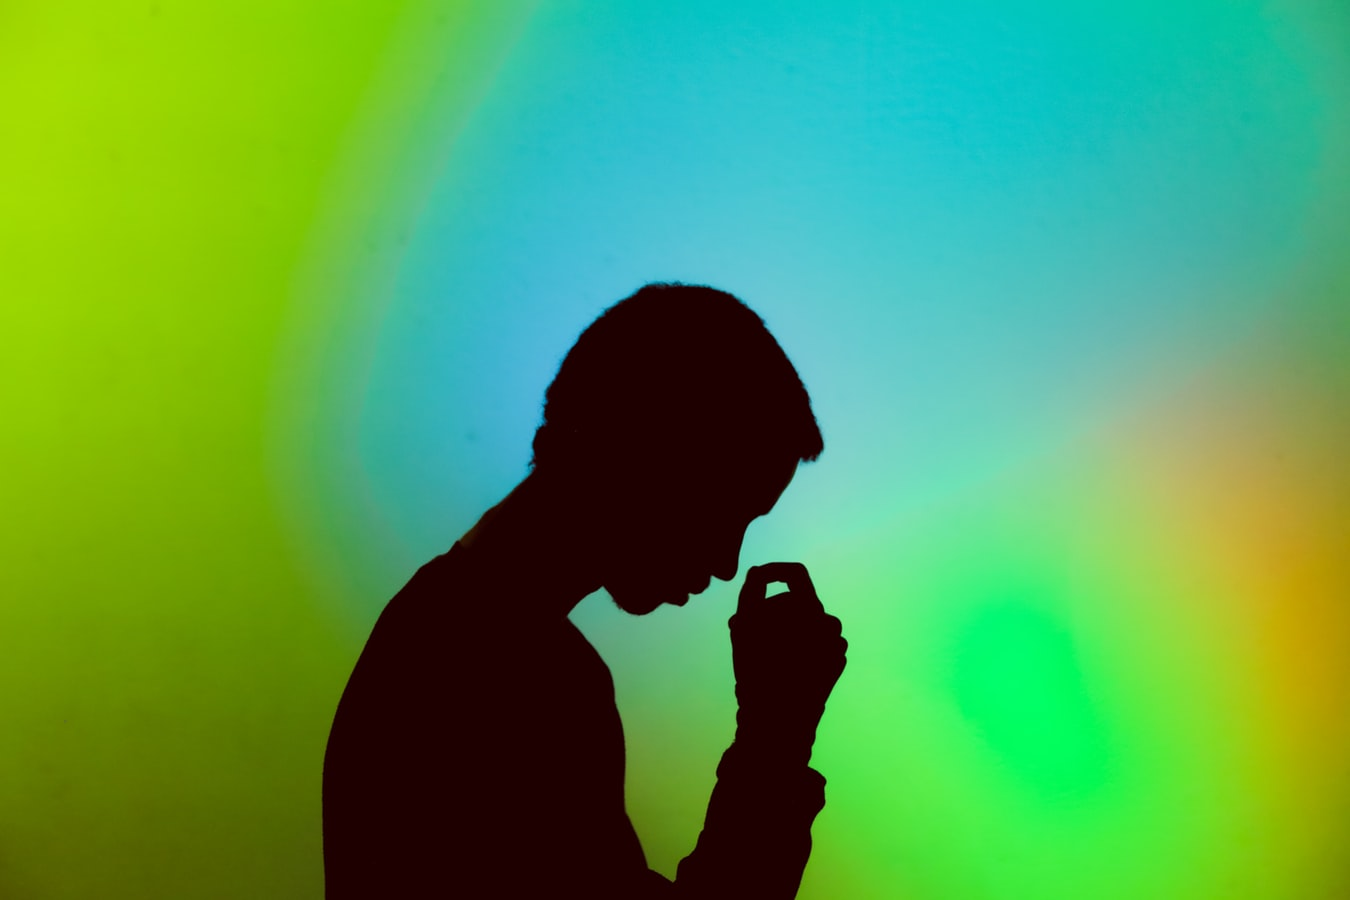 Ενοχές: Ένα επώδυνο συναίσθημα με βαρύ ψυχικό φορτίο